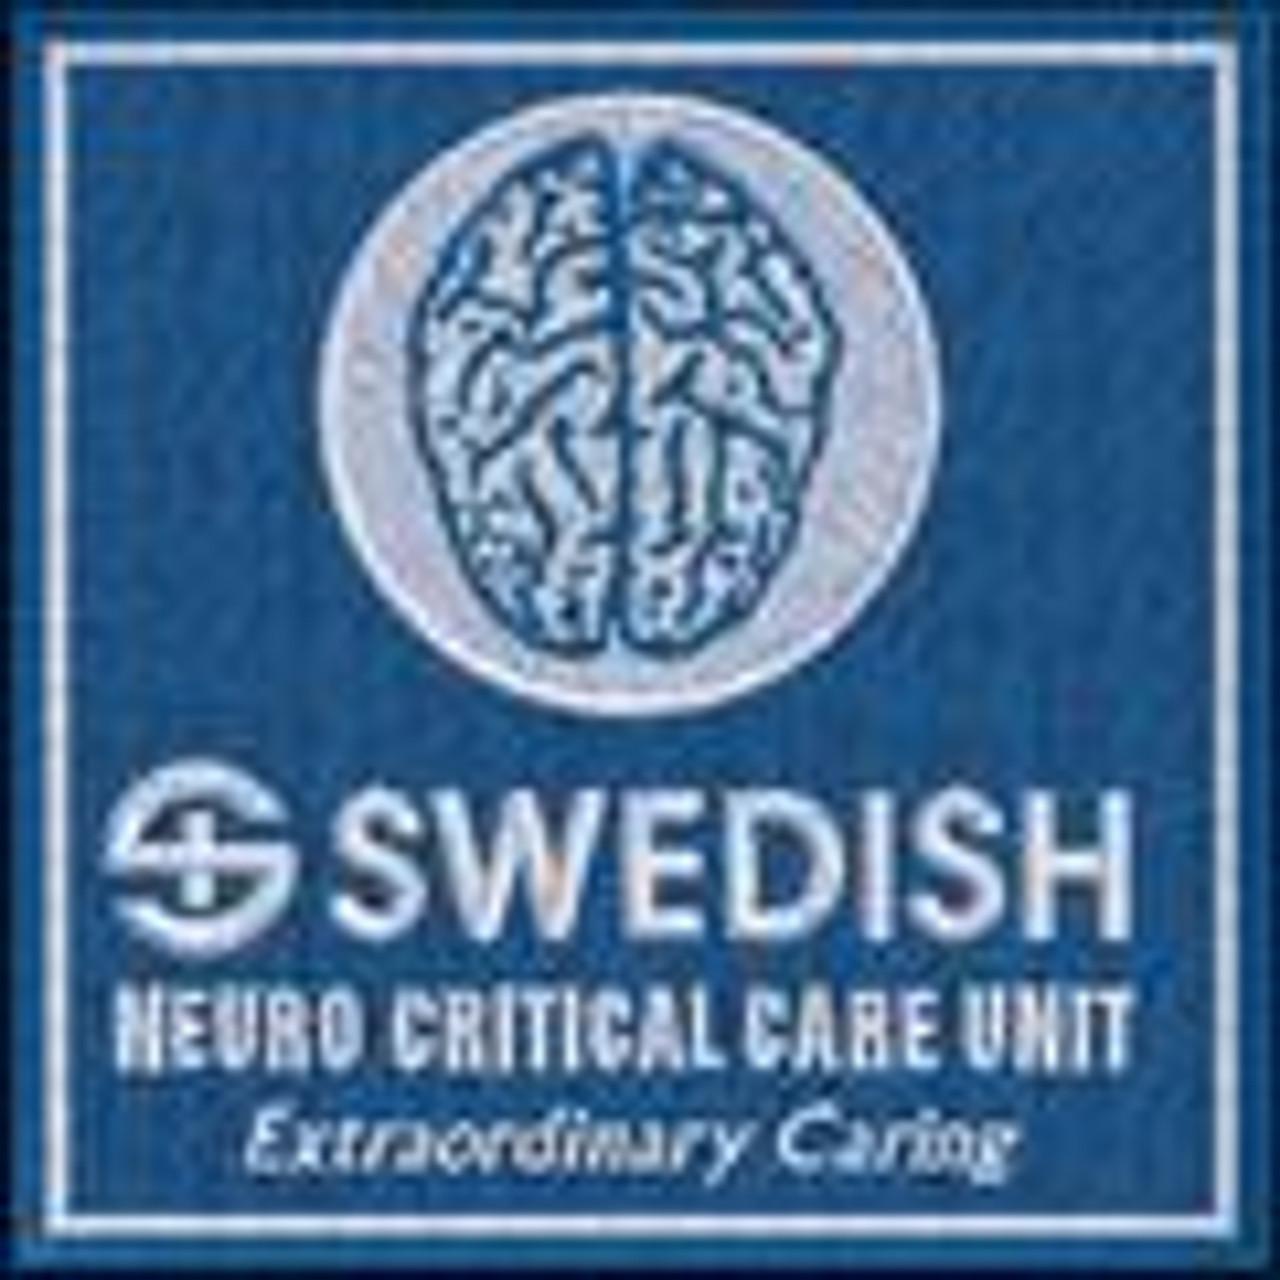 Swedish Neuroscience Critical Care